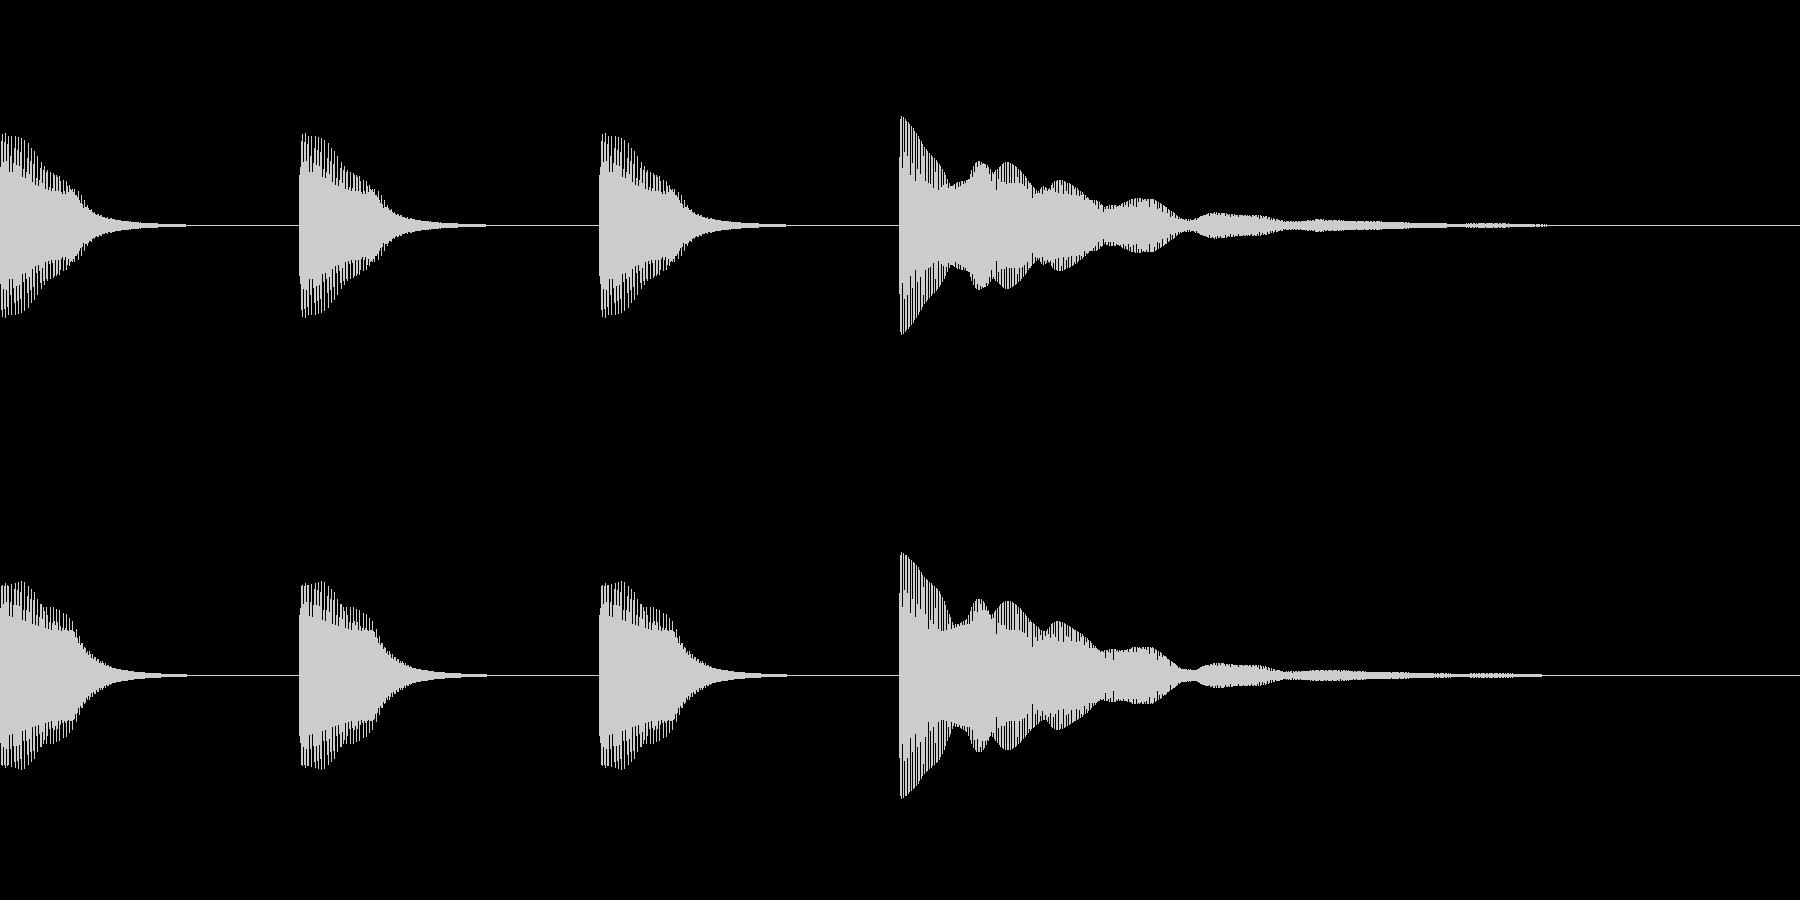 レースのスタート音・時報 (2音ハモリ)の未再生の波形